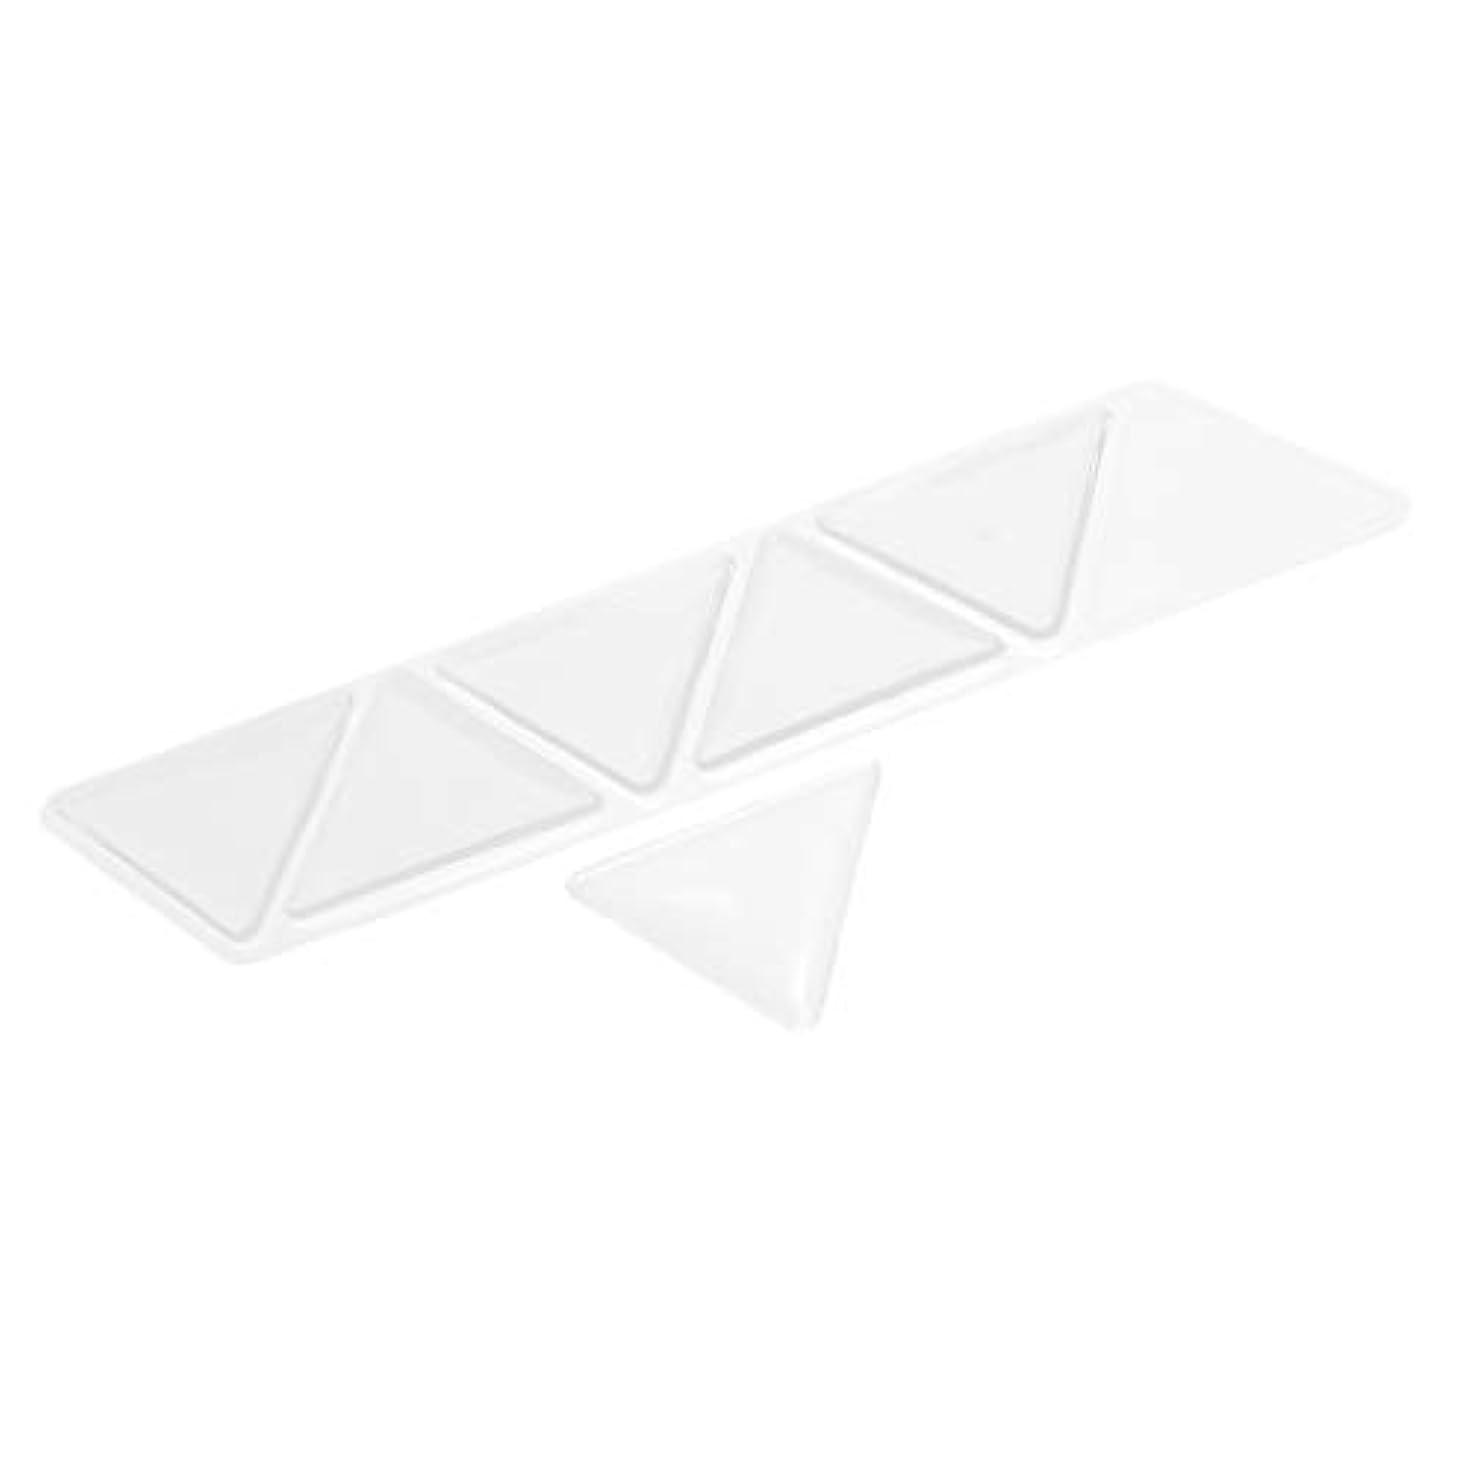 アンソロジー洋服デンマーク語額パッド スキンケアパッド アンチリンクル シリコン 三角パッド 再使用可能な